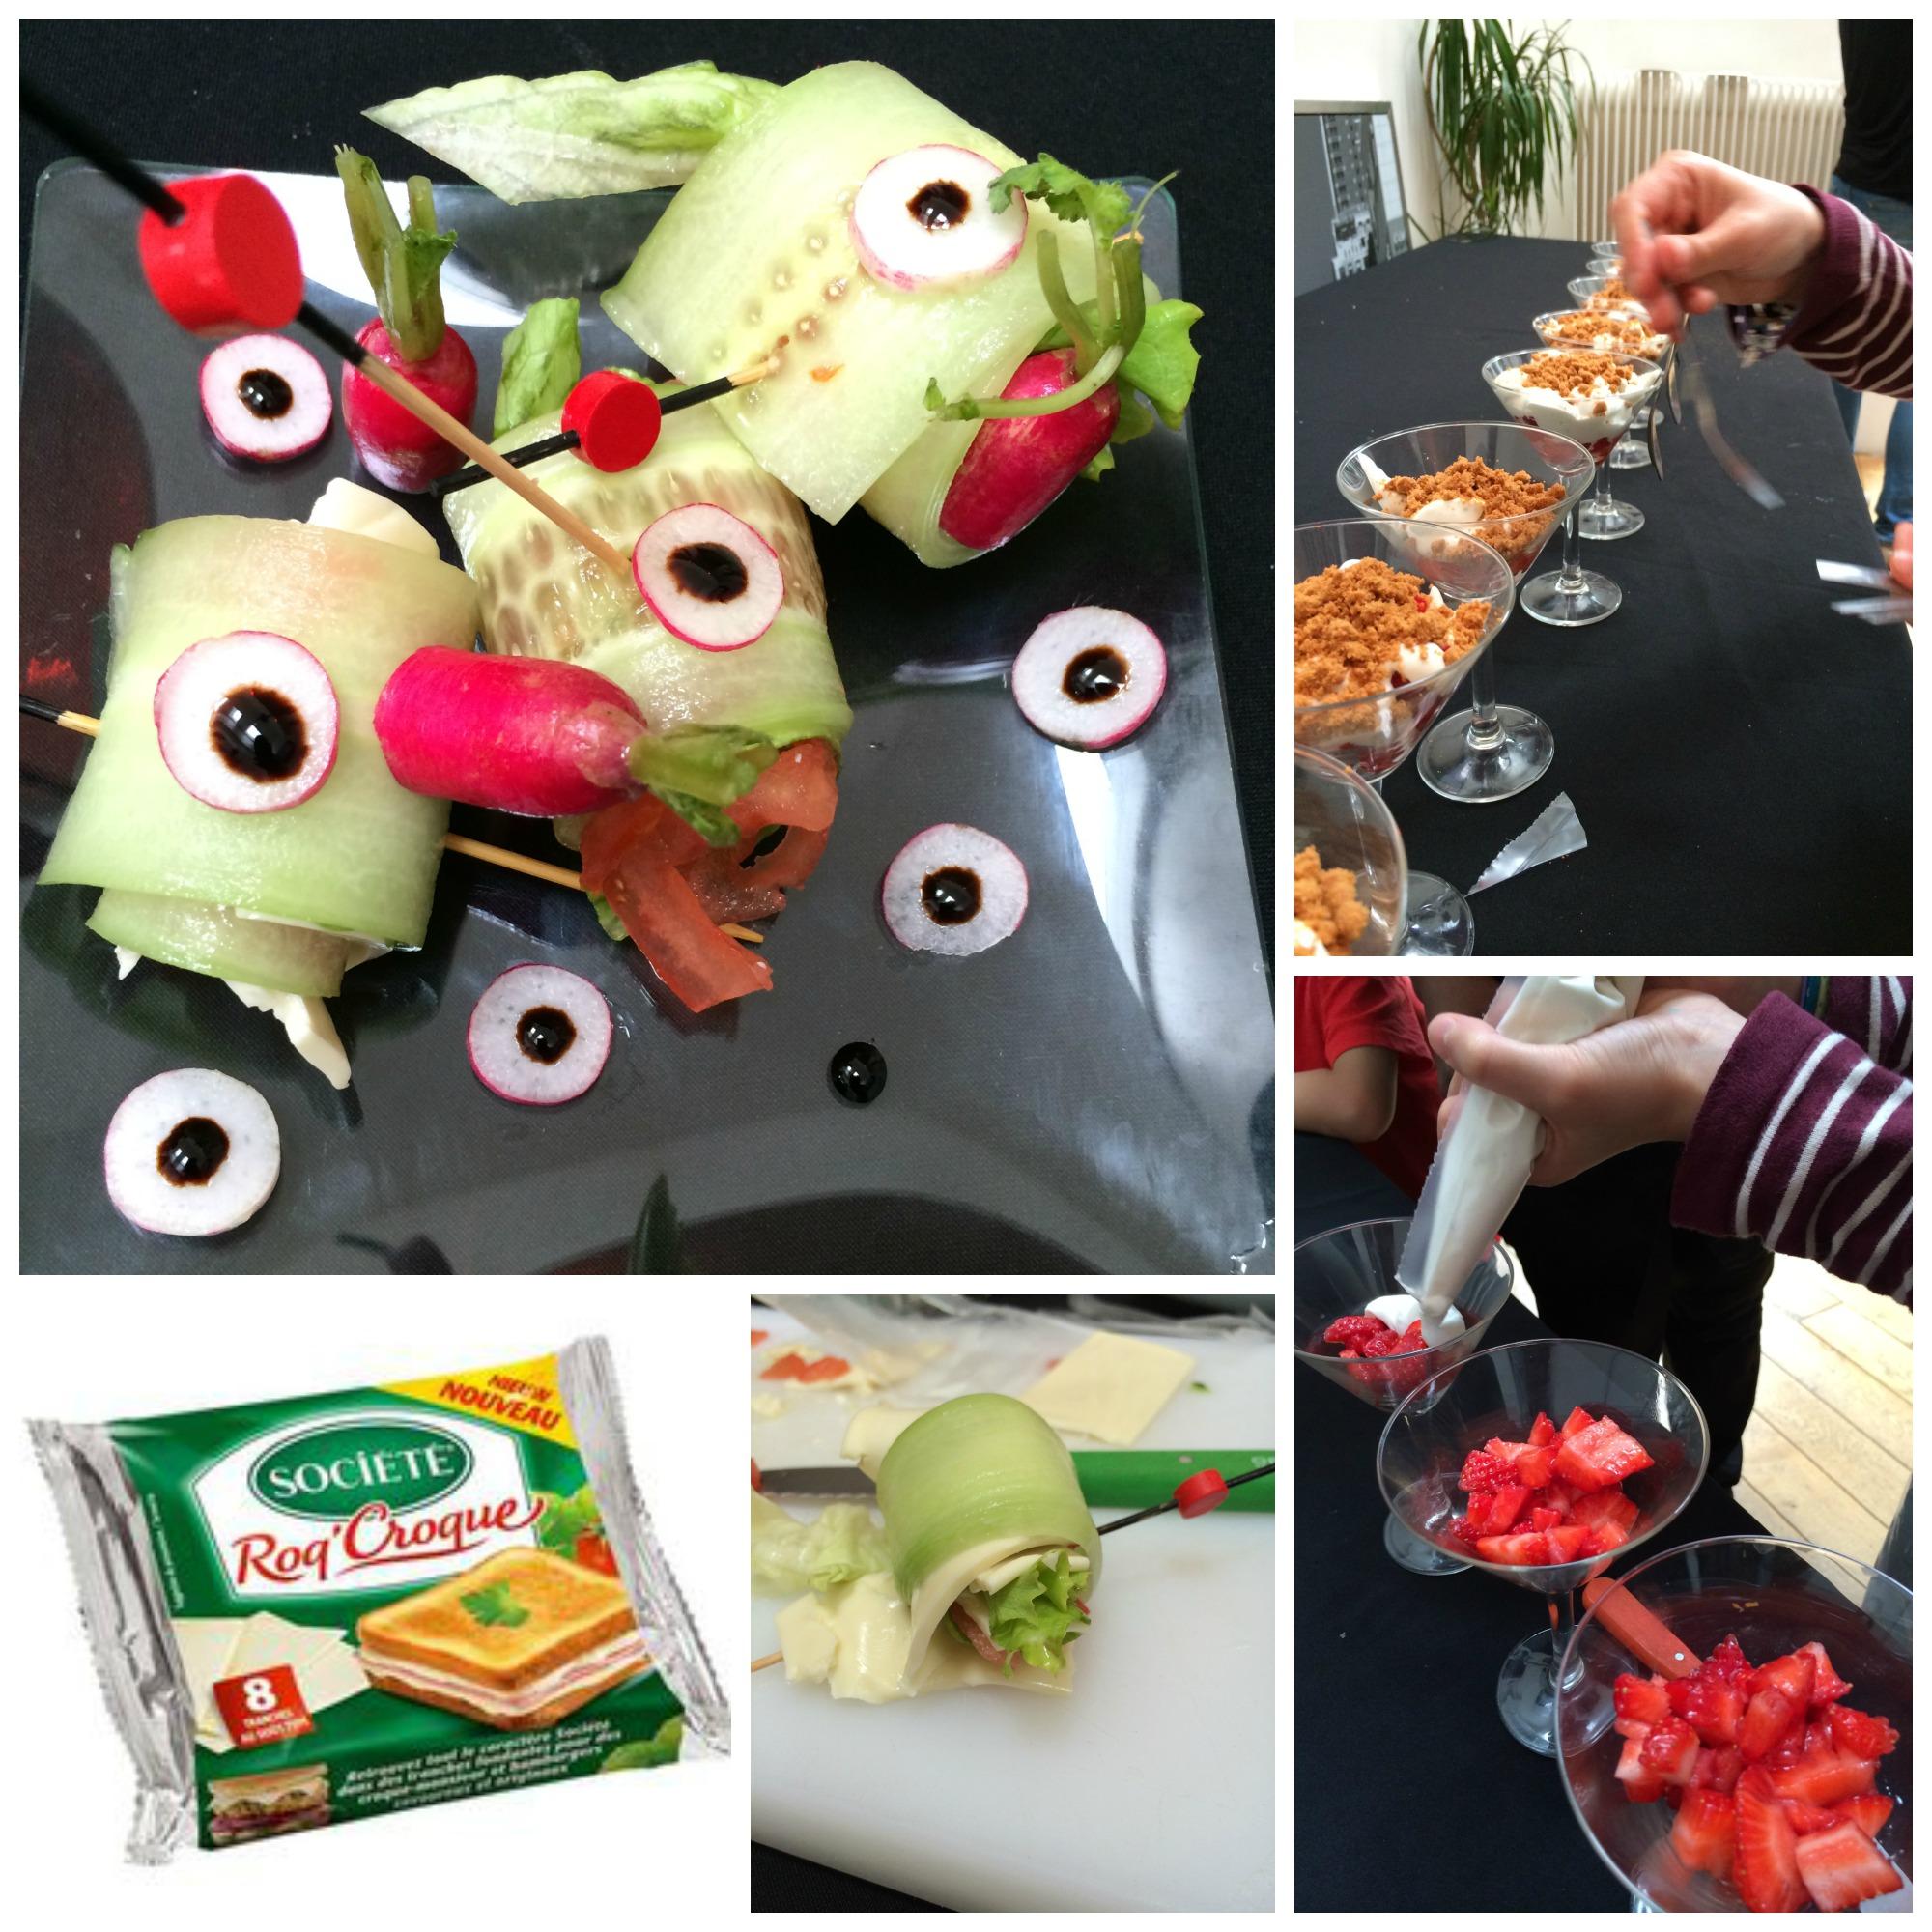 Un atelier de cuisine avec roquefort soci t for Atelier de cuisine lyon